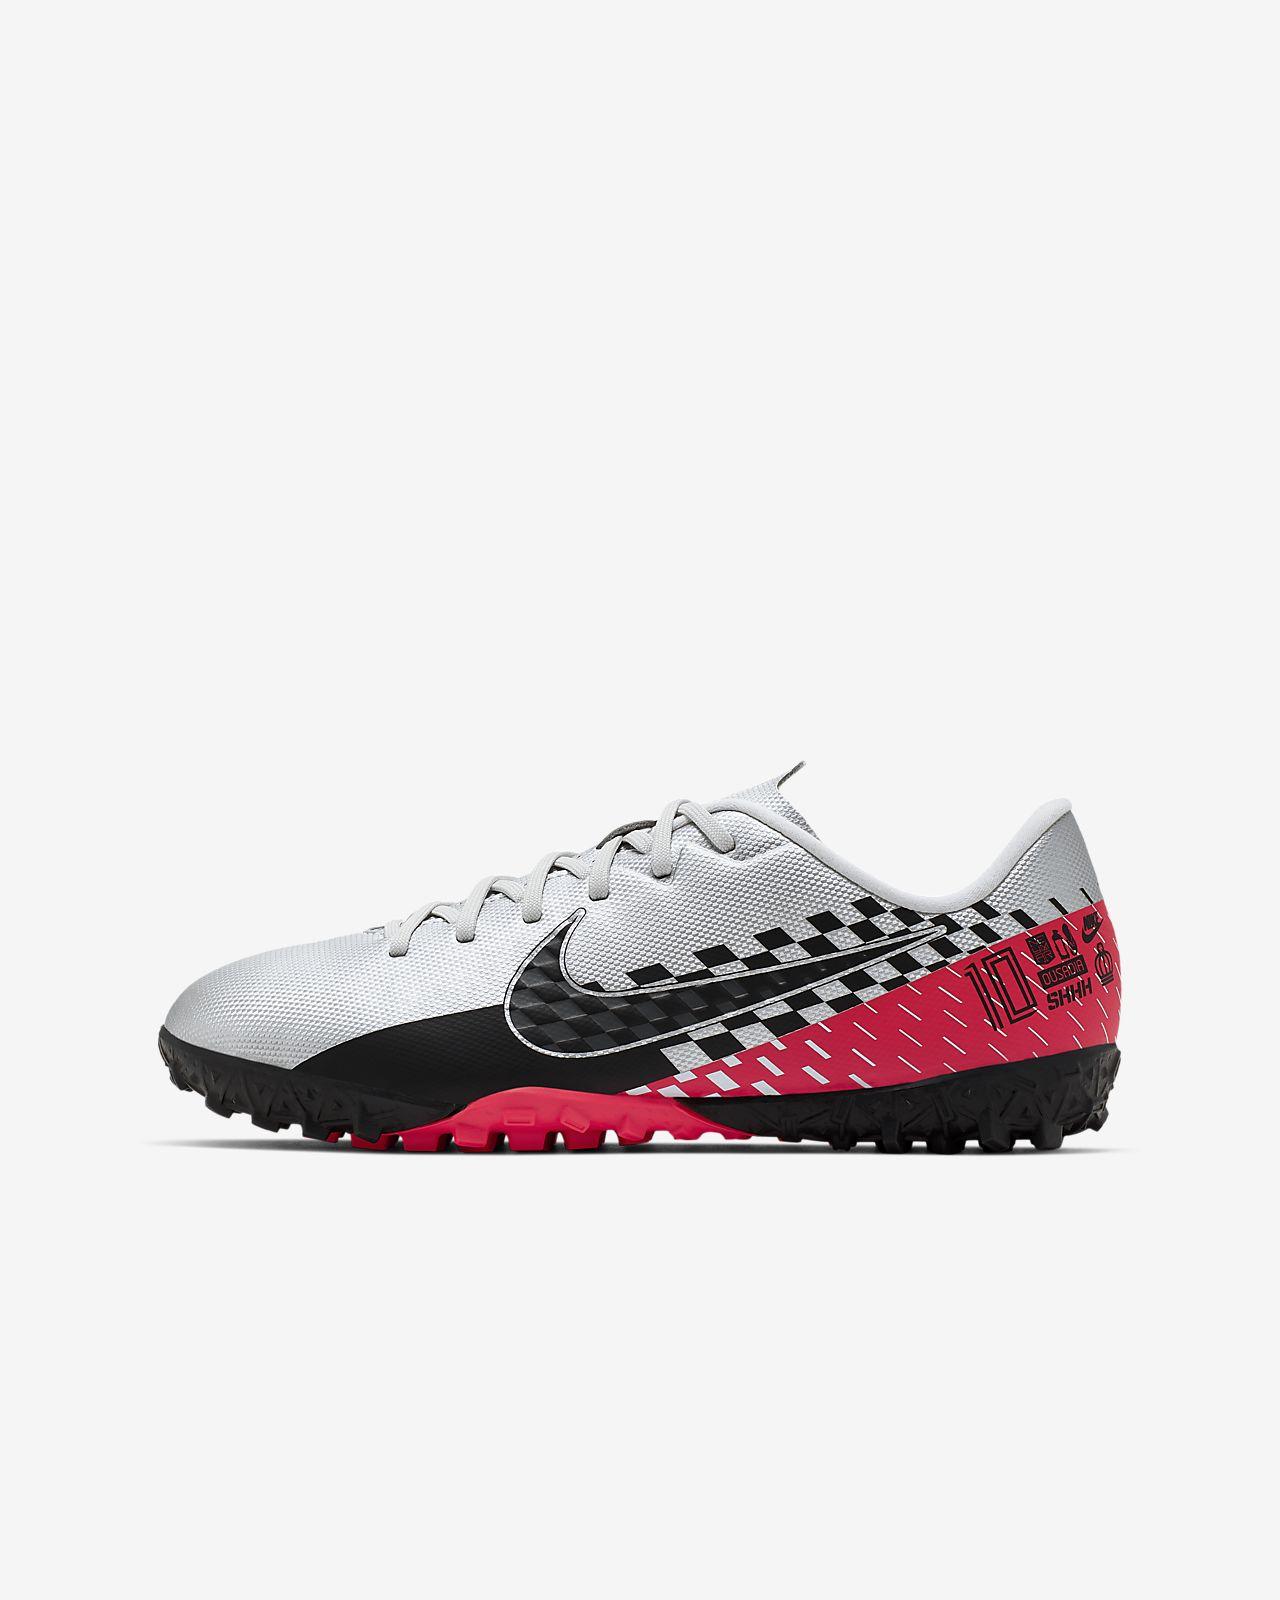 Buty piłkarskie na sztuczną nawierzchnię typu turf dla małych/dużych dzieci Nike Jr. Mercurial Vapor 13 Academy Neymar Jr. TF